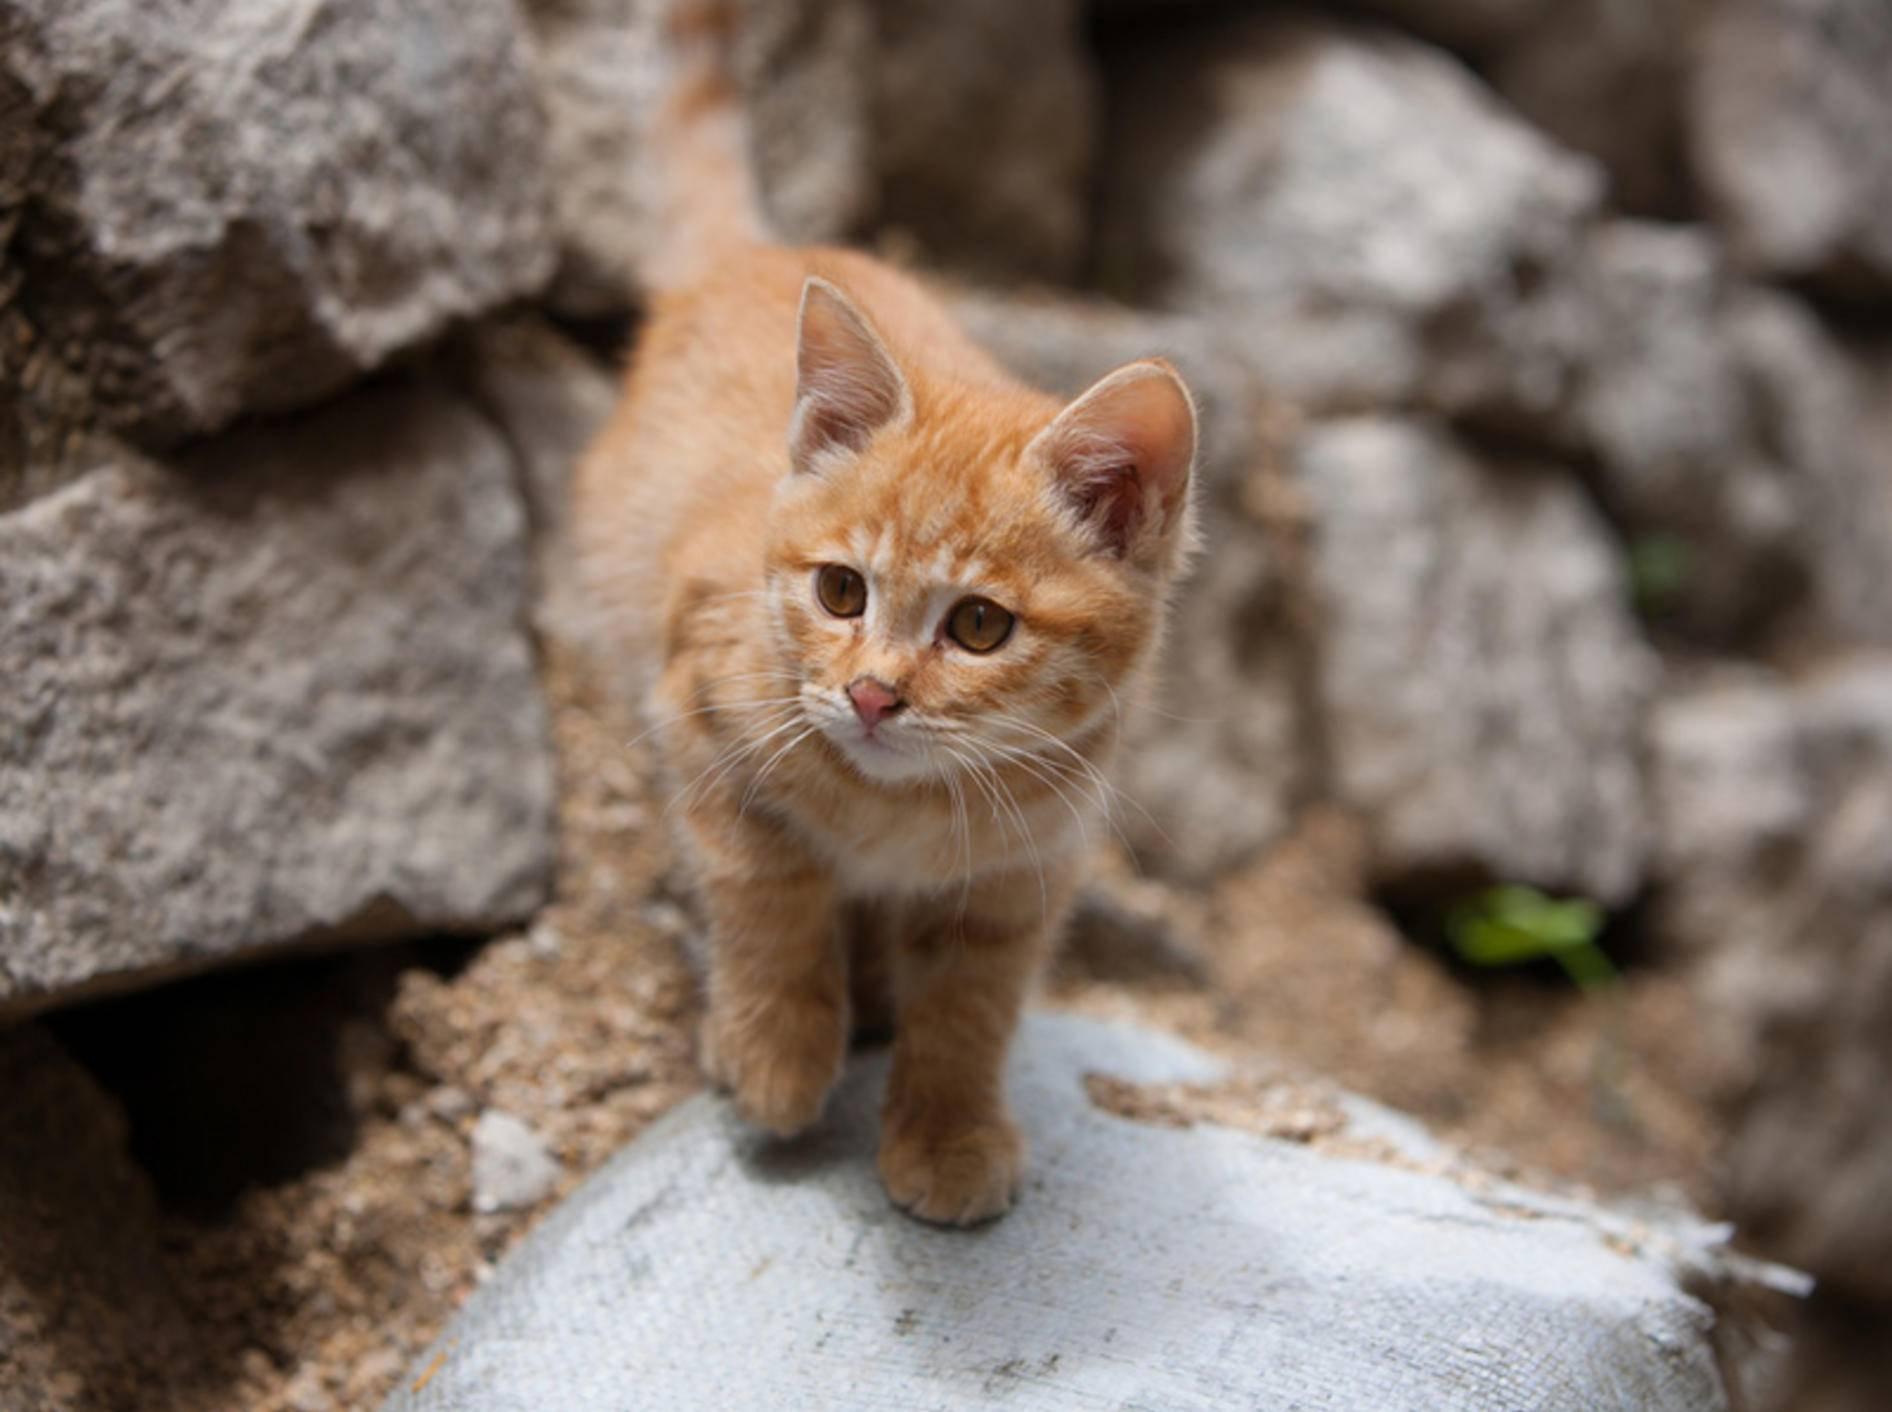 Welchen süßen Namen für Katzen diese sich wohl aussuchen würde? – Bild: Shutterstock / quangbuiphotography